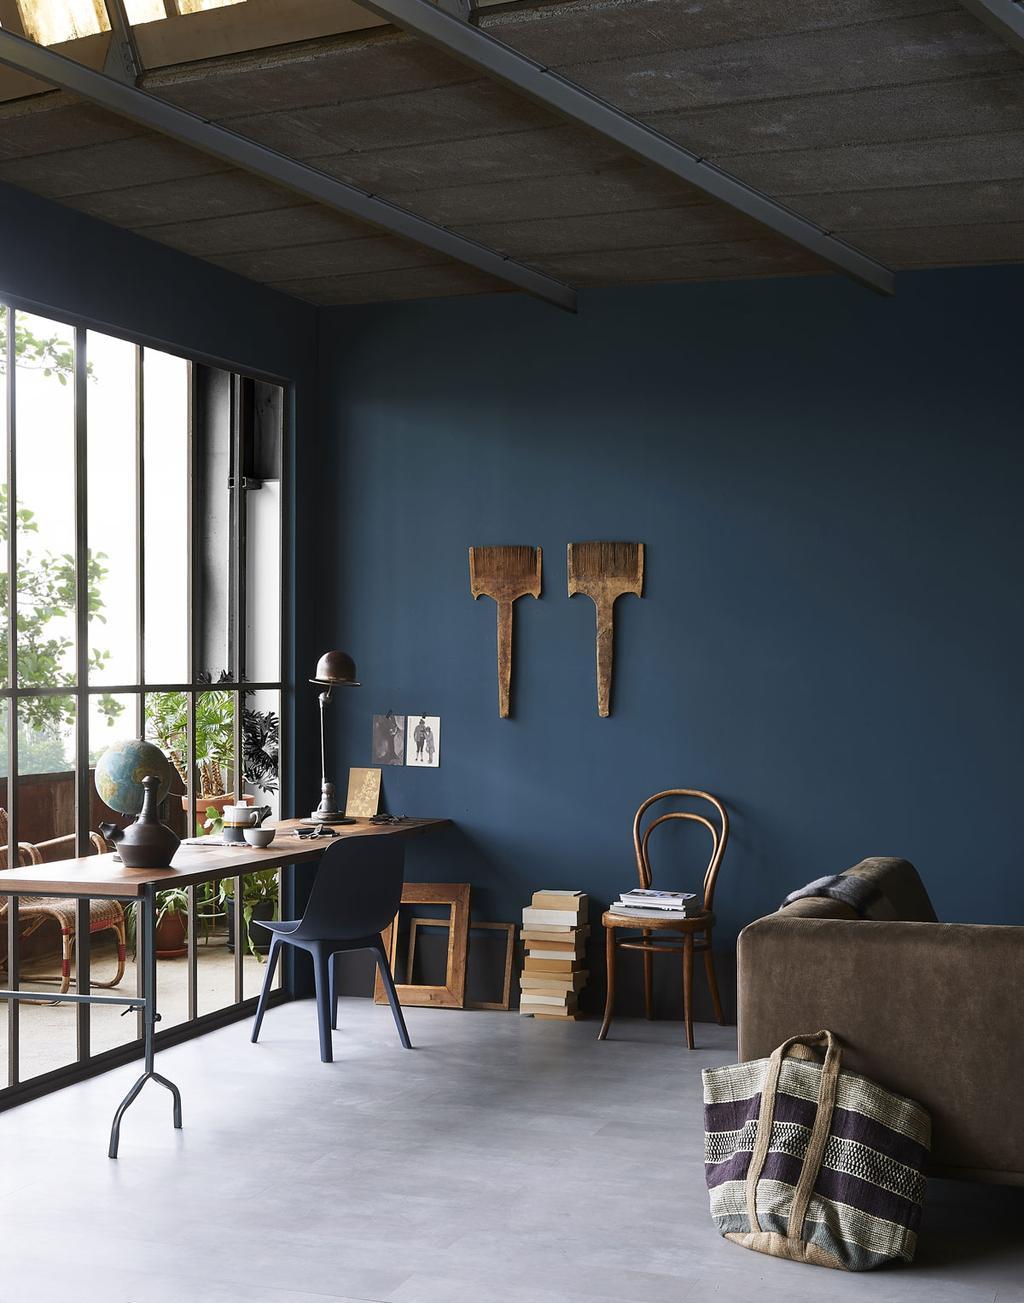 Werkplek in huis met een bureau van houten plank en een schraag.